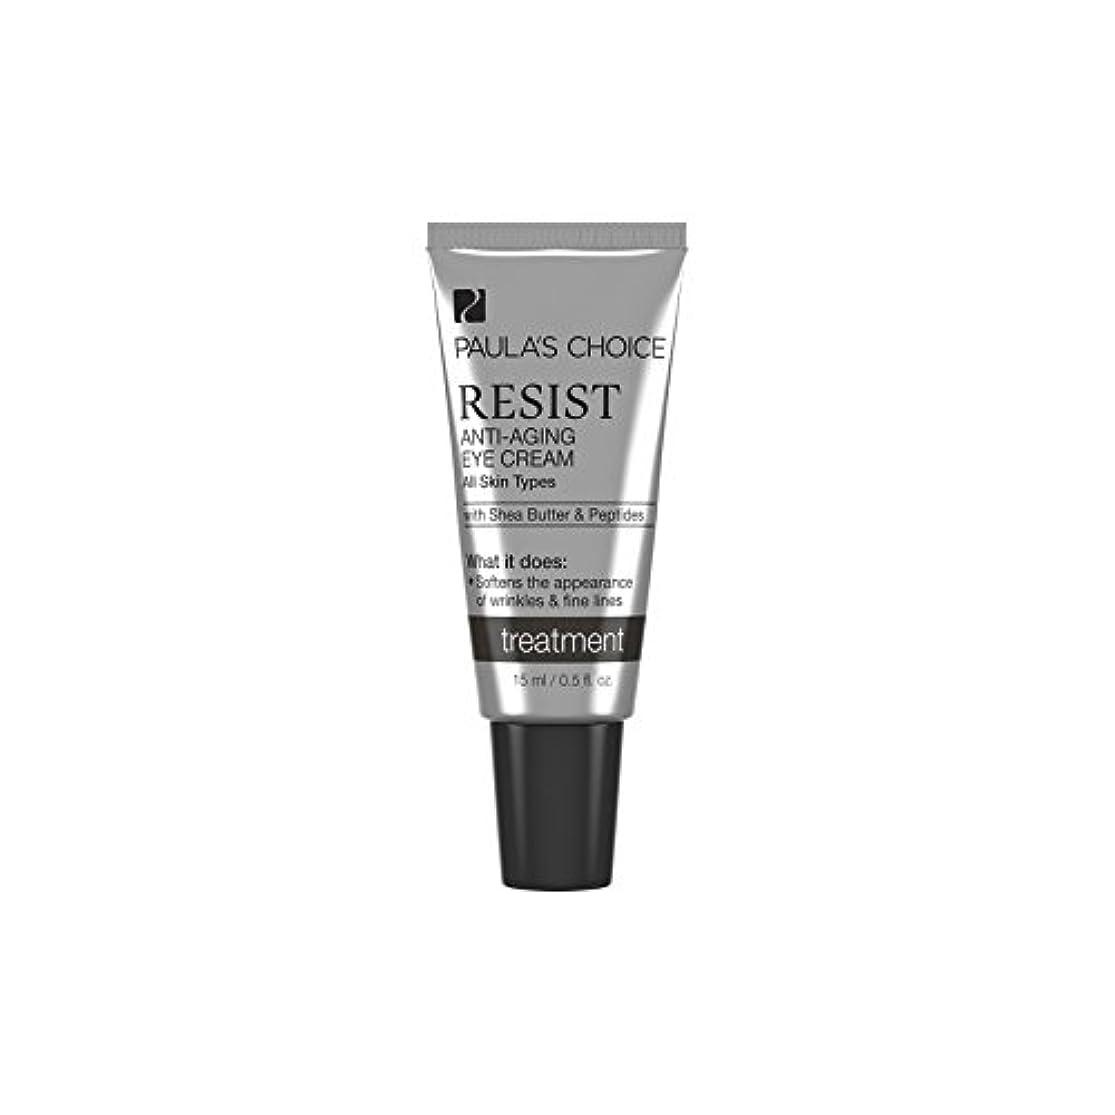 チェリー収益おばさんPaula's Choice Resist Eye Cream (Pack of 6) - ポーラチョイスは、アイクリームを抵抗します x6 [並行輸入品]